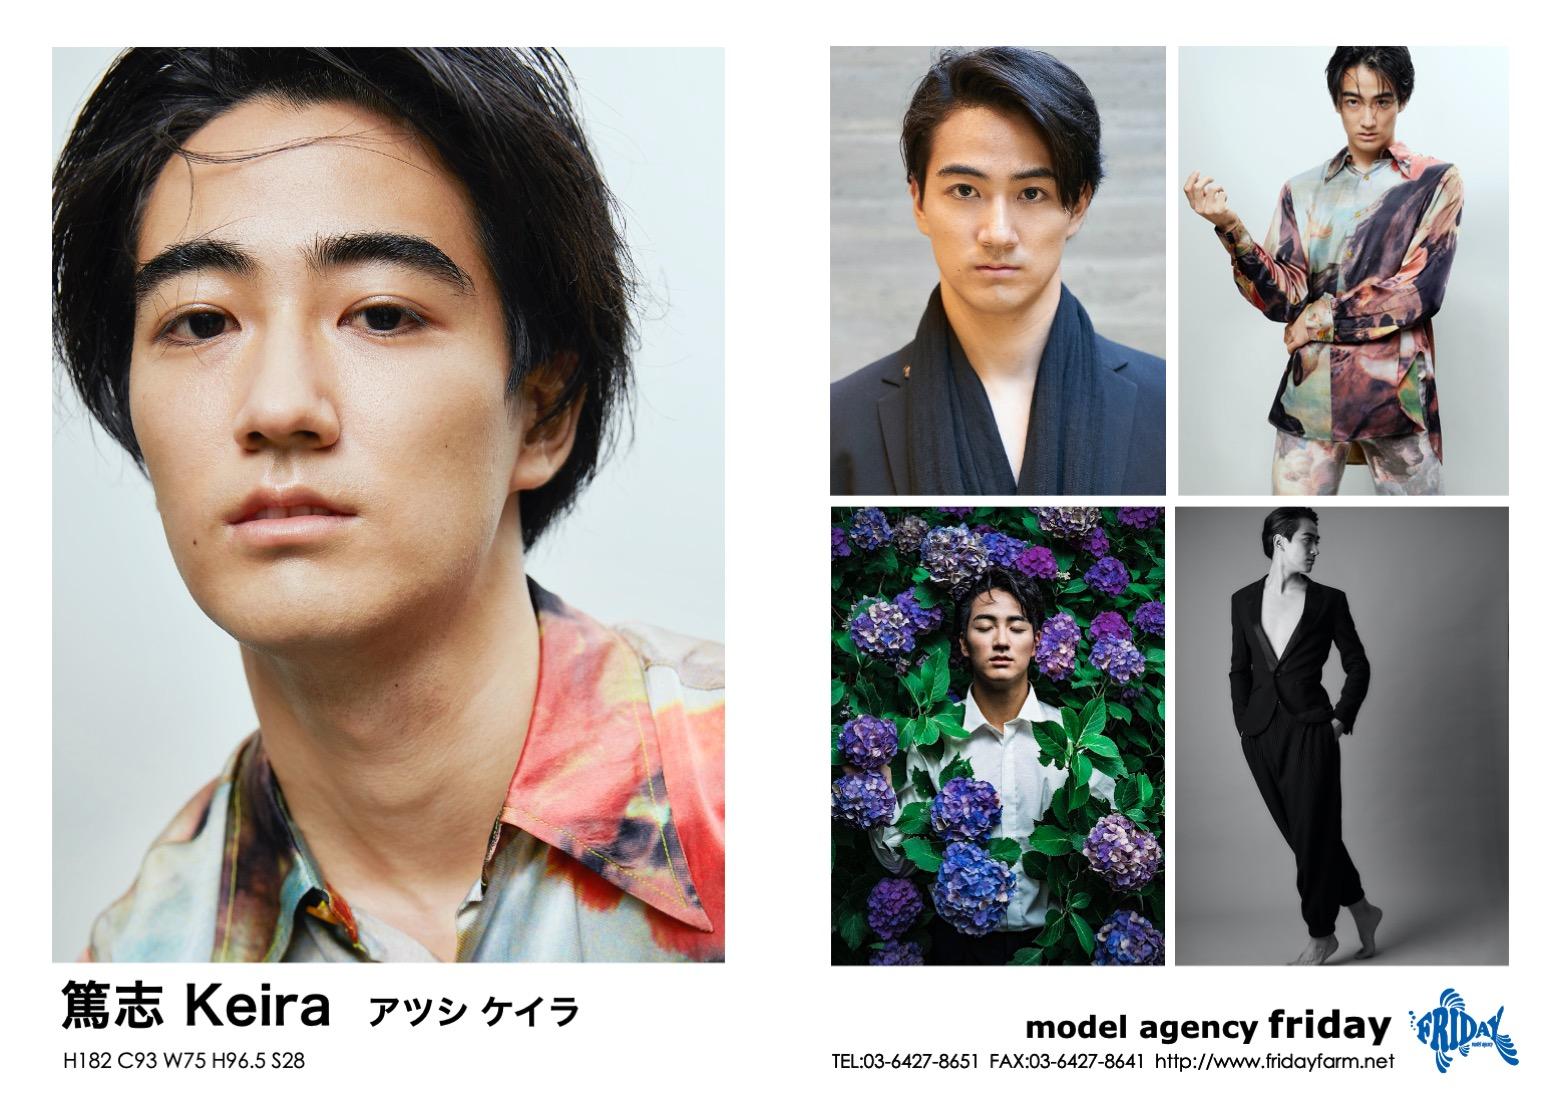 篤志 Keira - Atsushi Keira | model agency friday